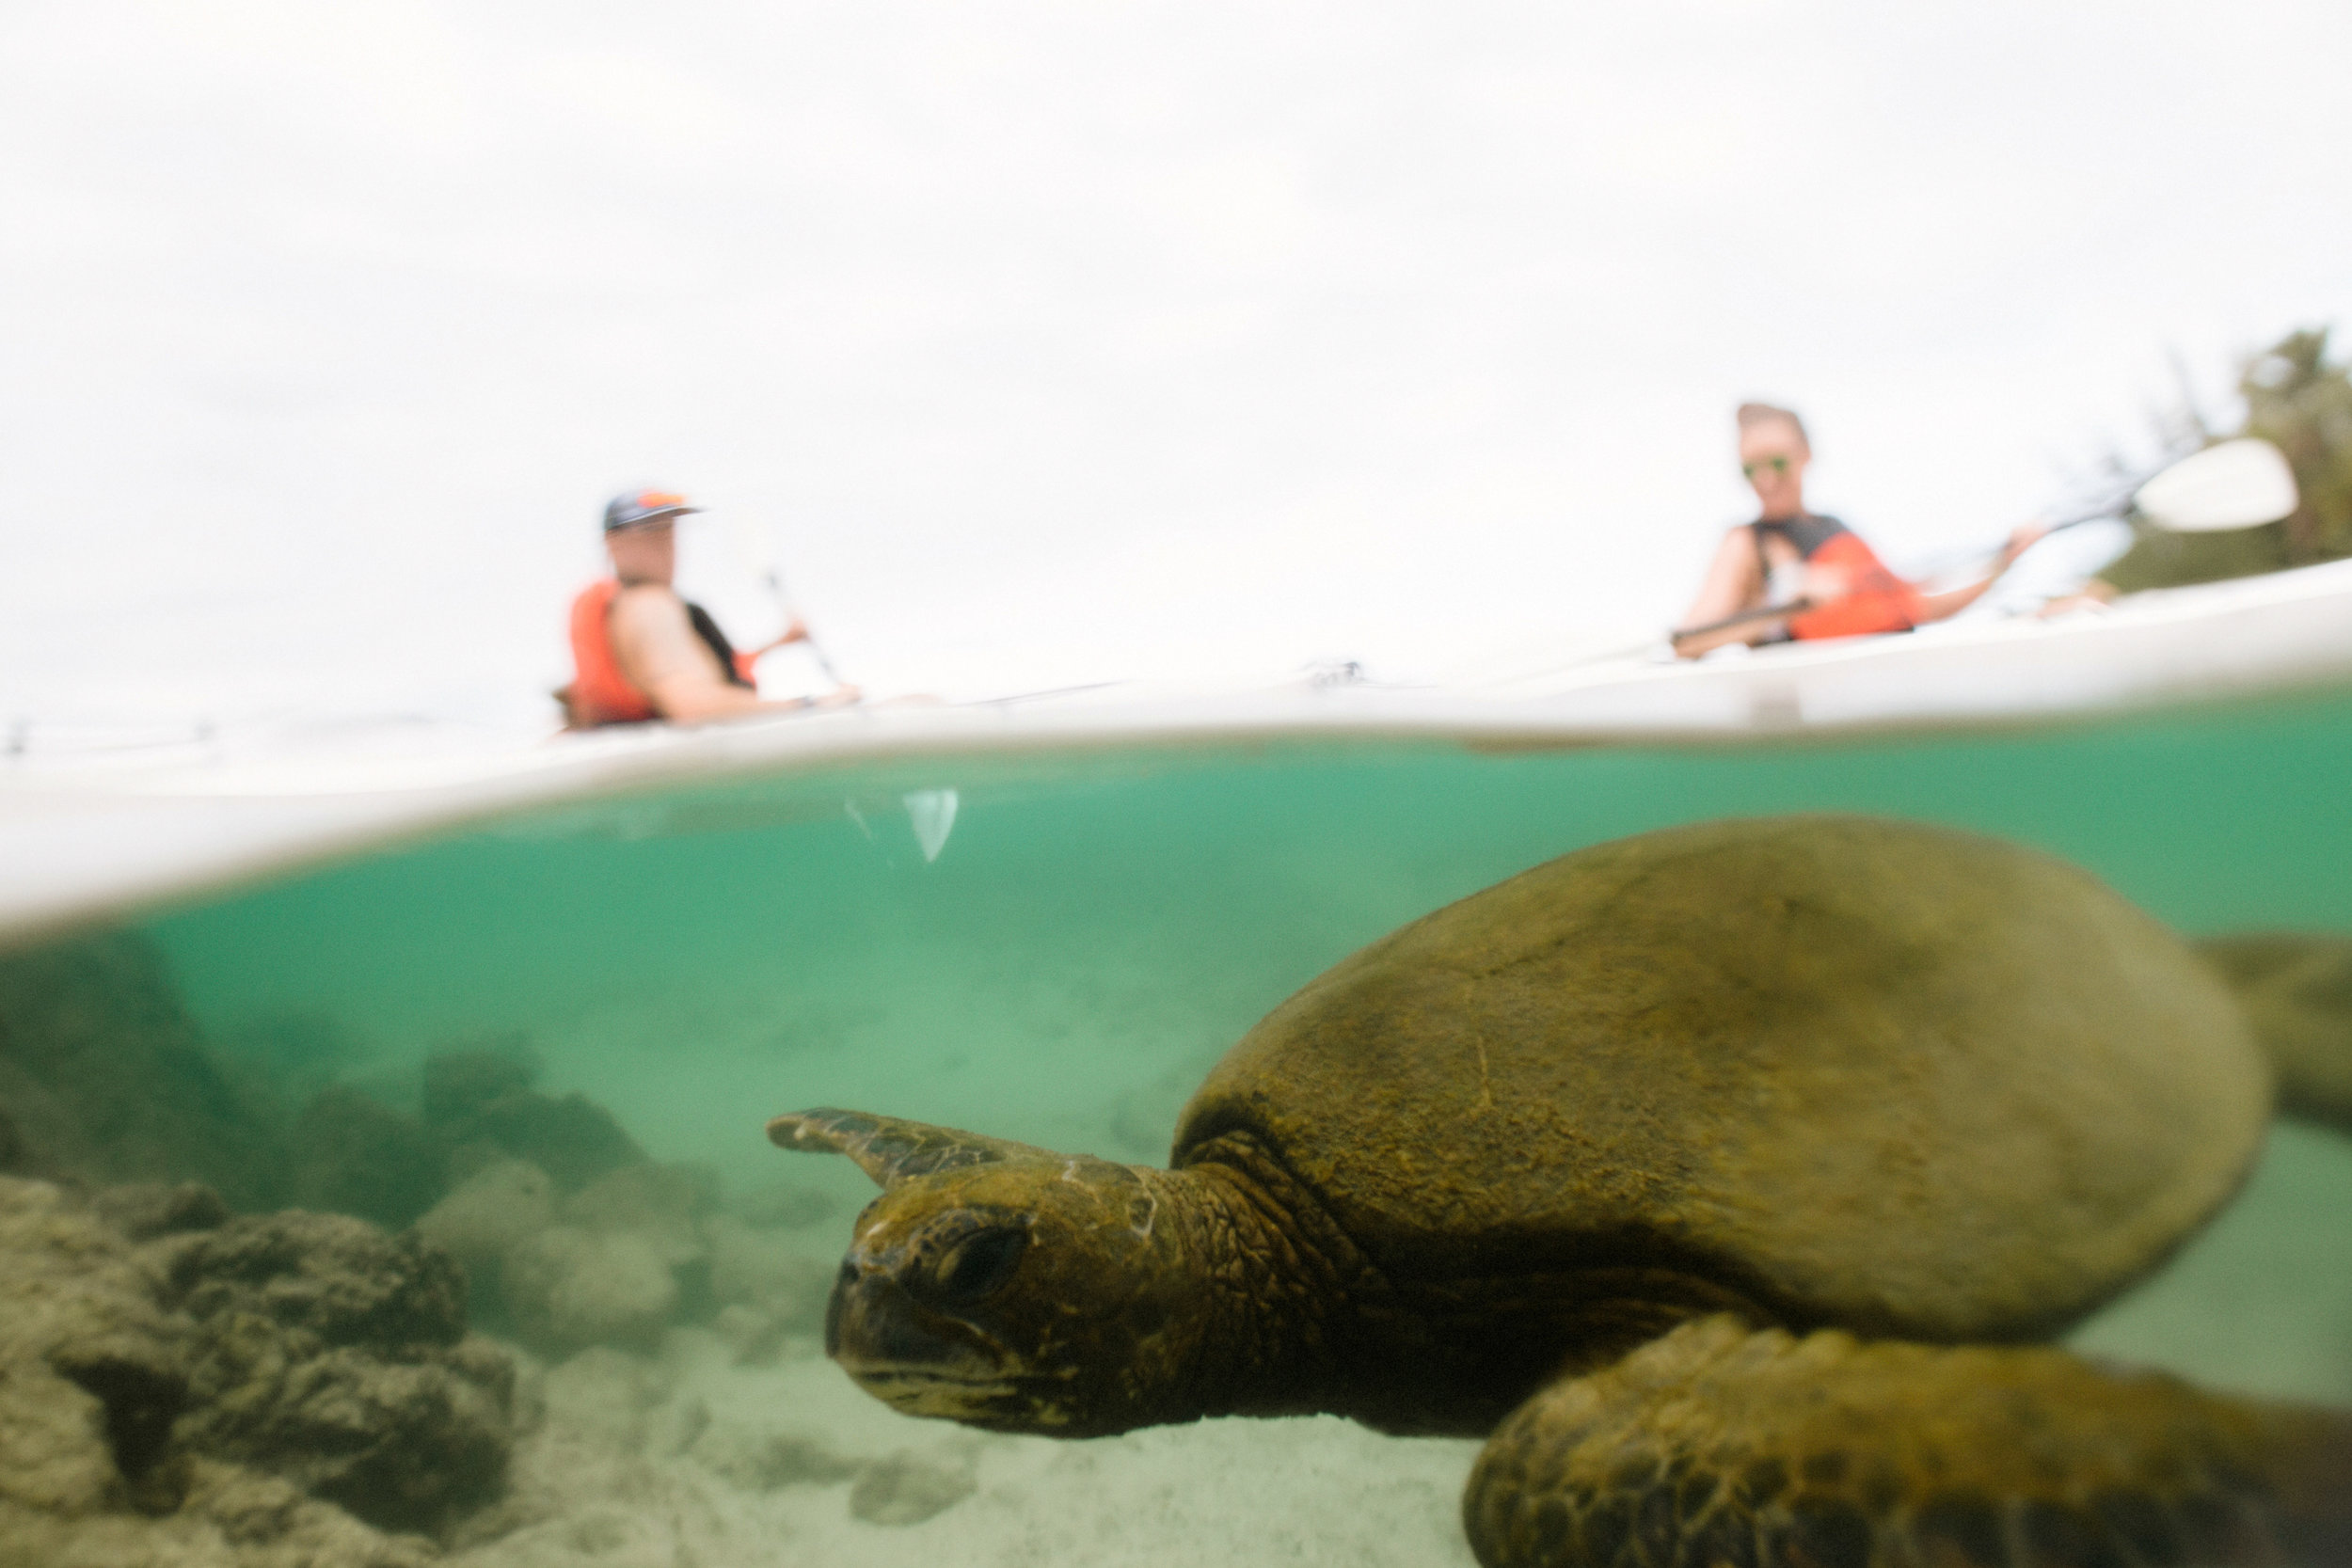 Turtle swimming under kayak